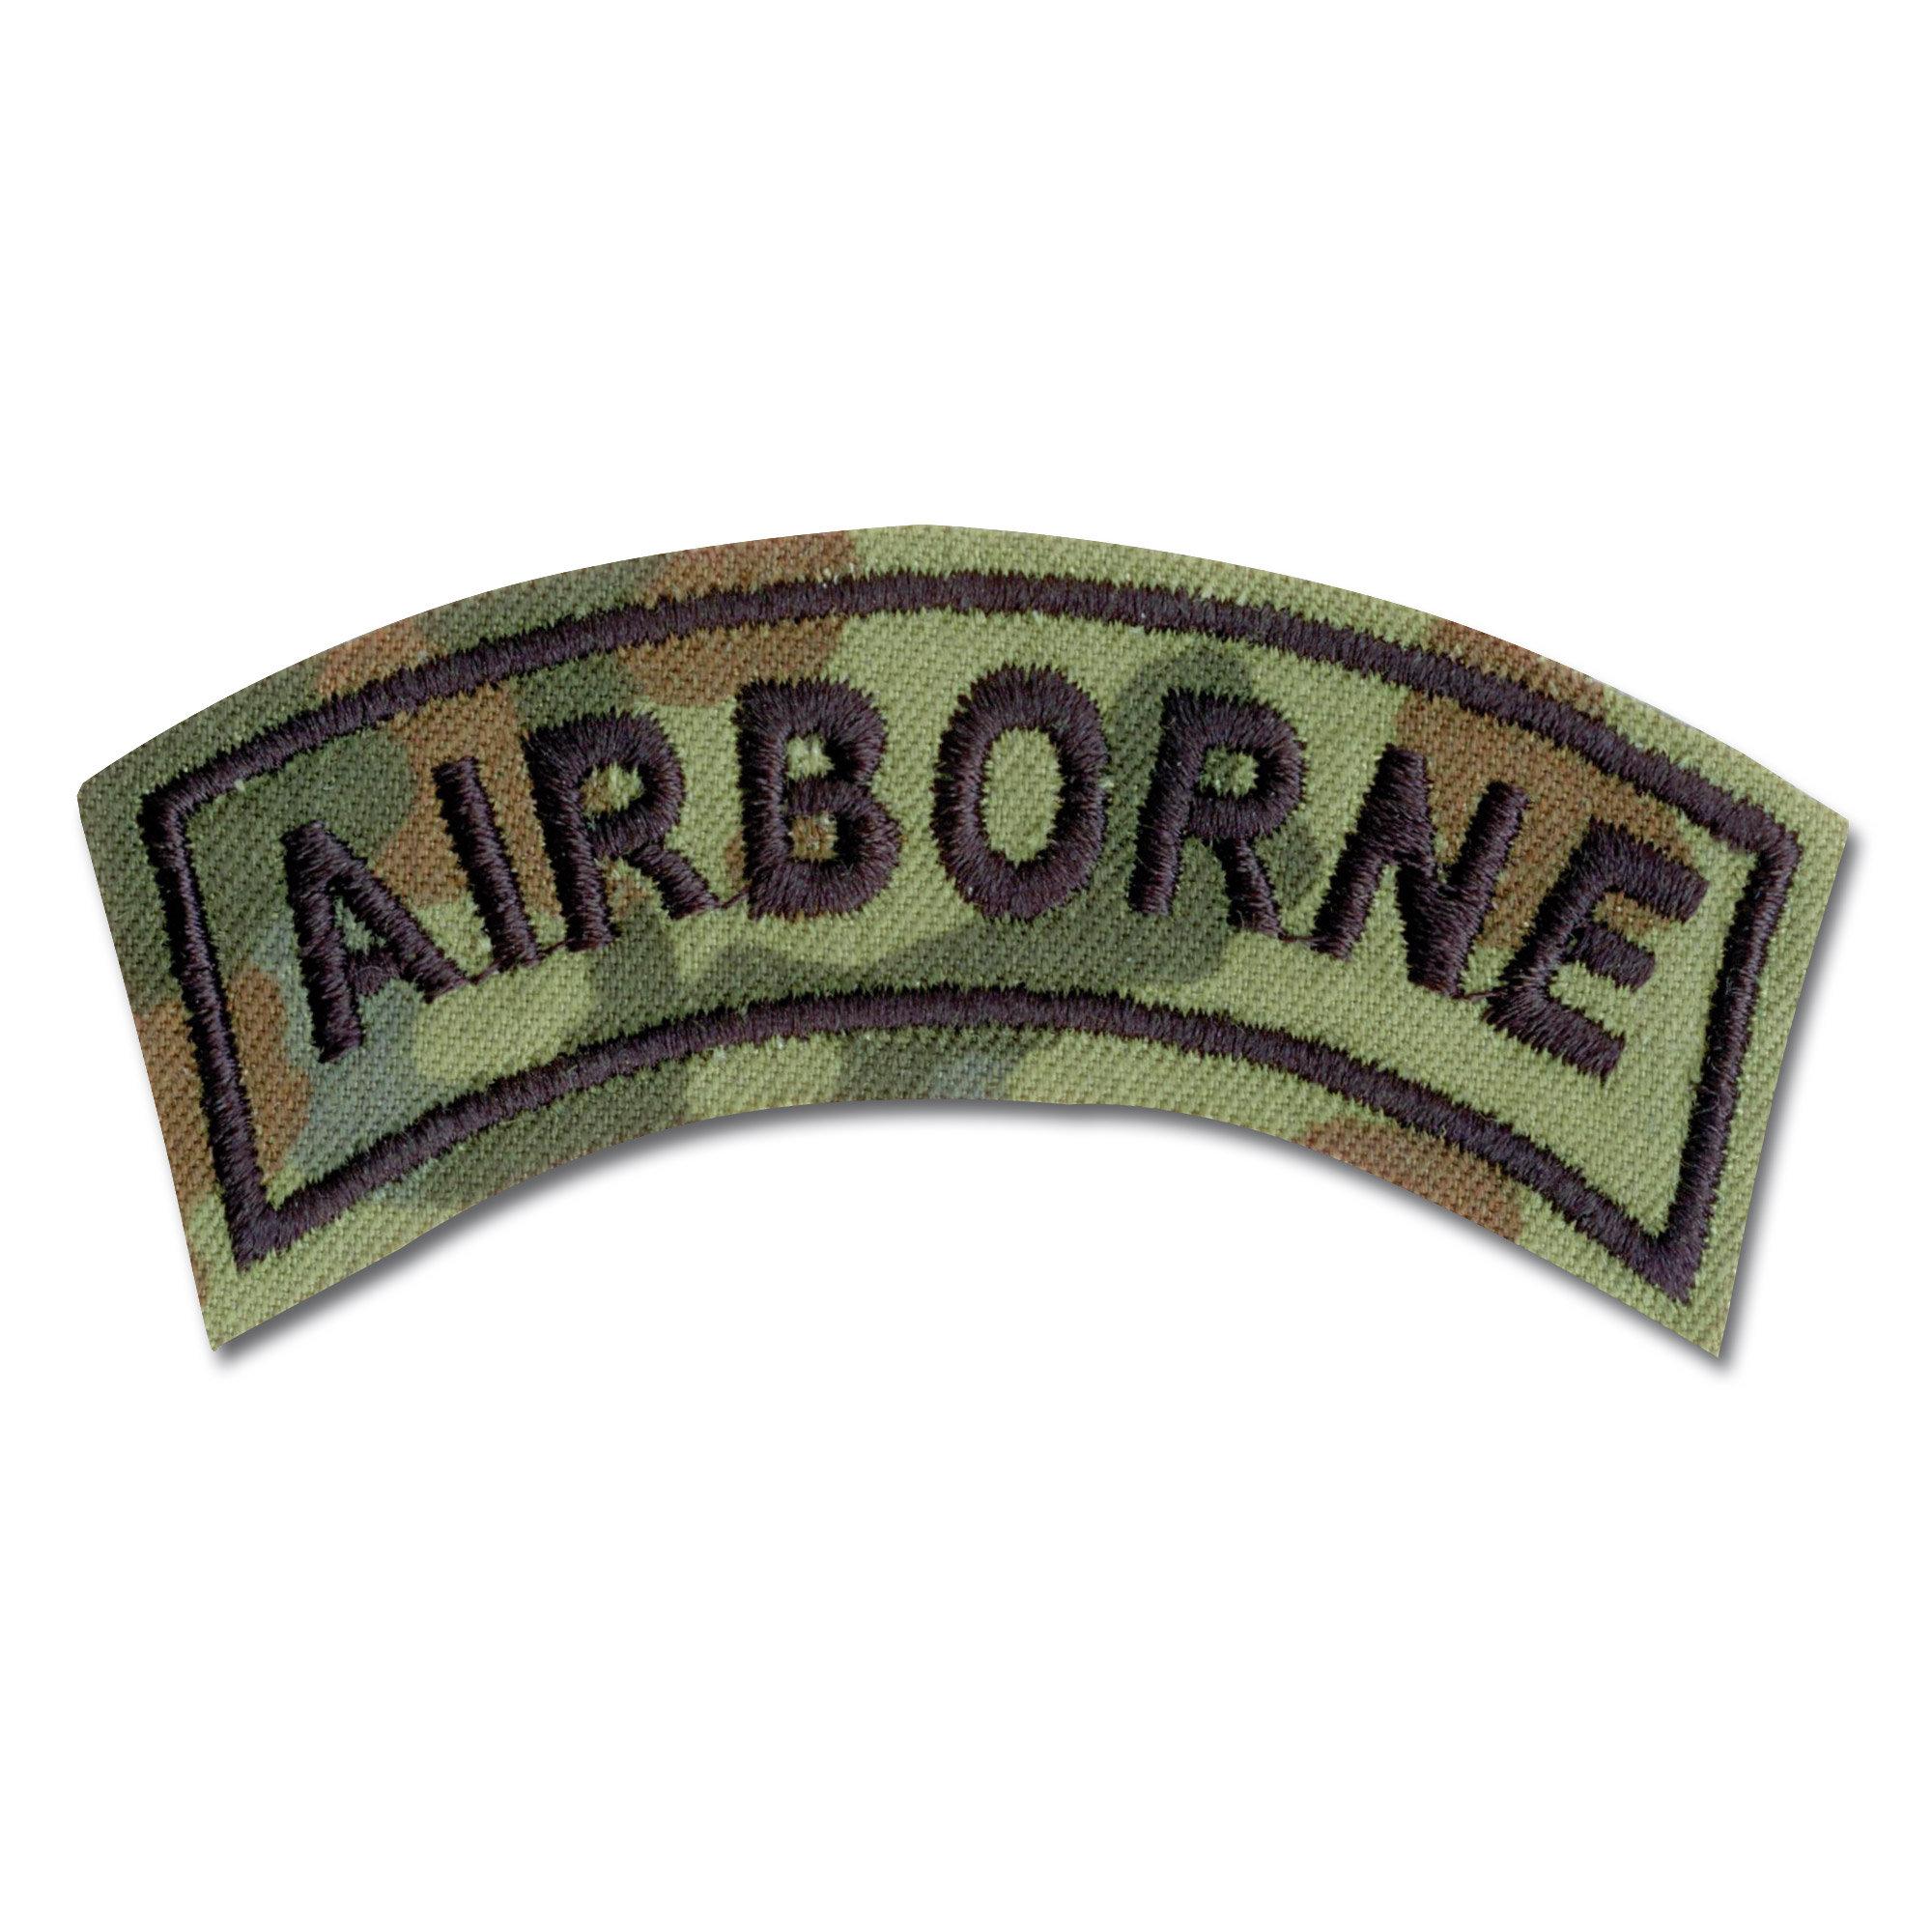 Armabzeichen Airborne flecktarn